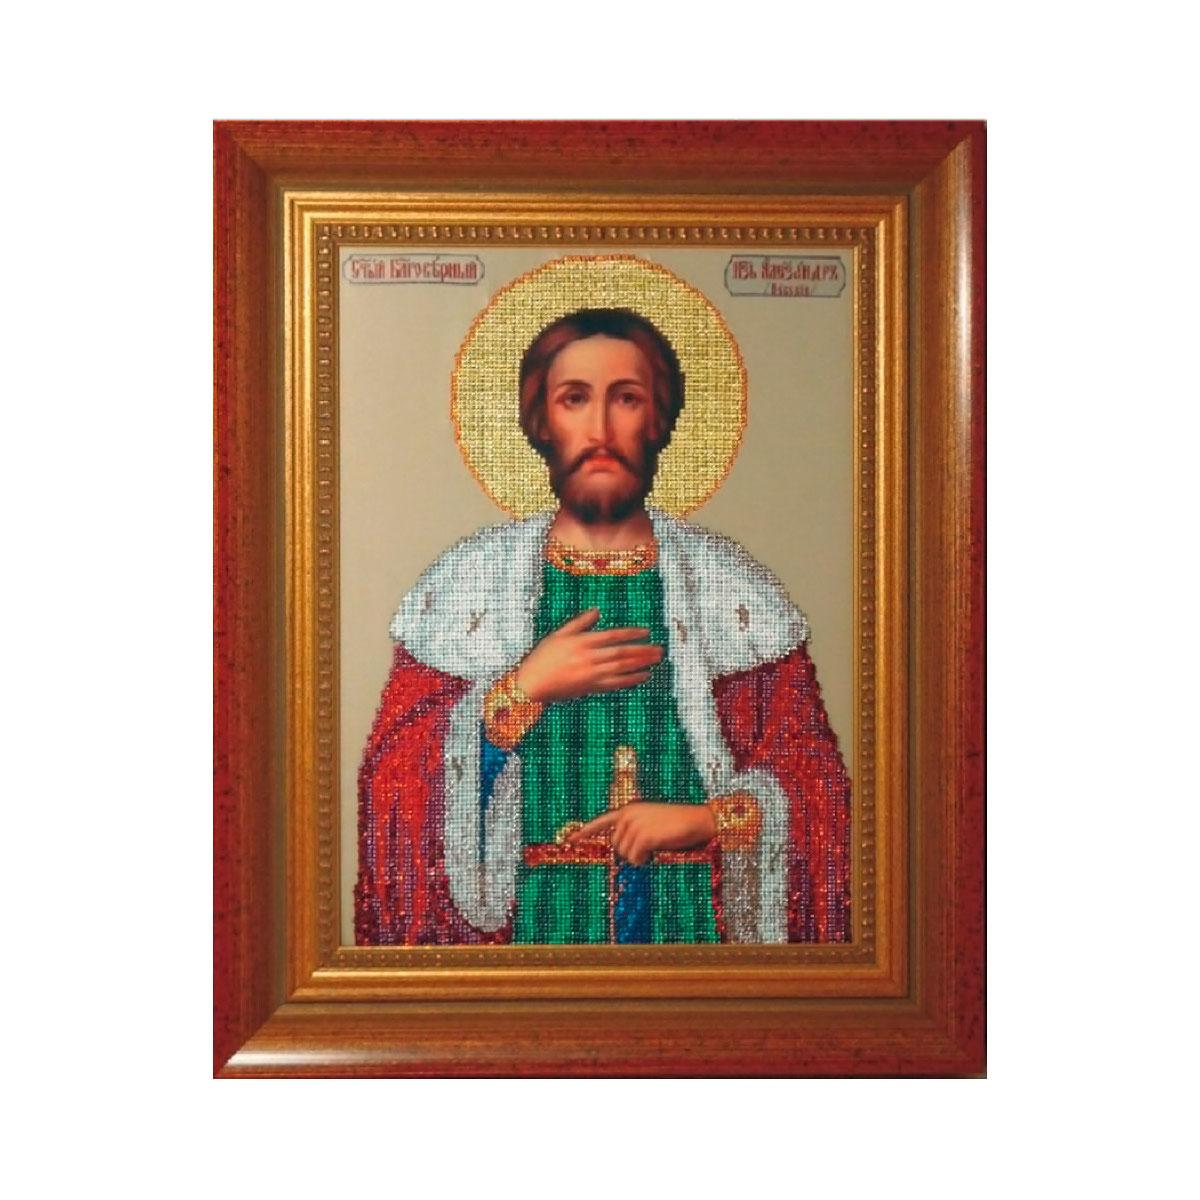 11209 Набор для вышивания бисером Краса и творчество 'Св. Александр' 33,7*24,8 см